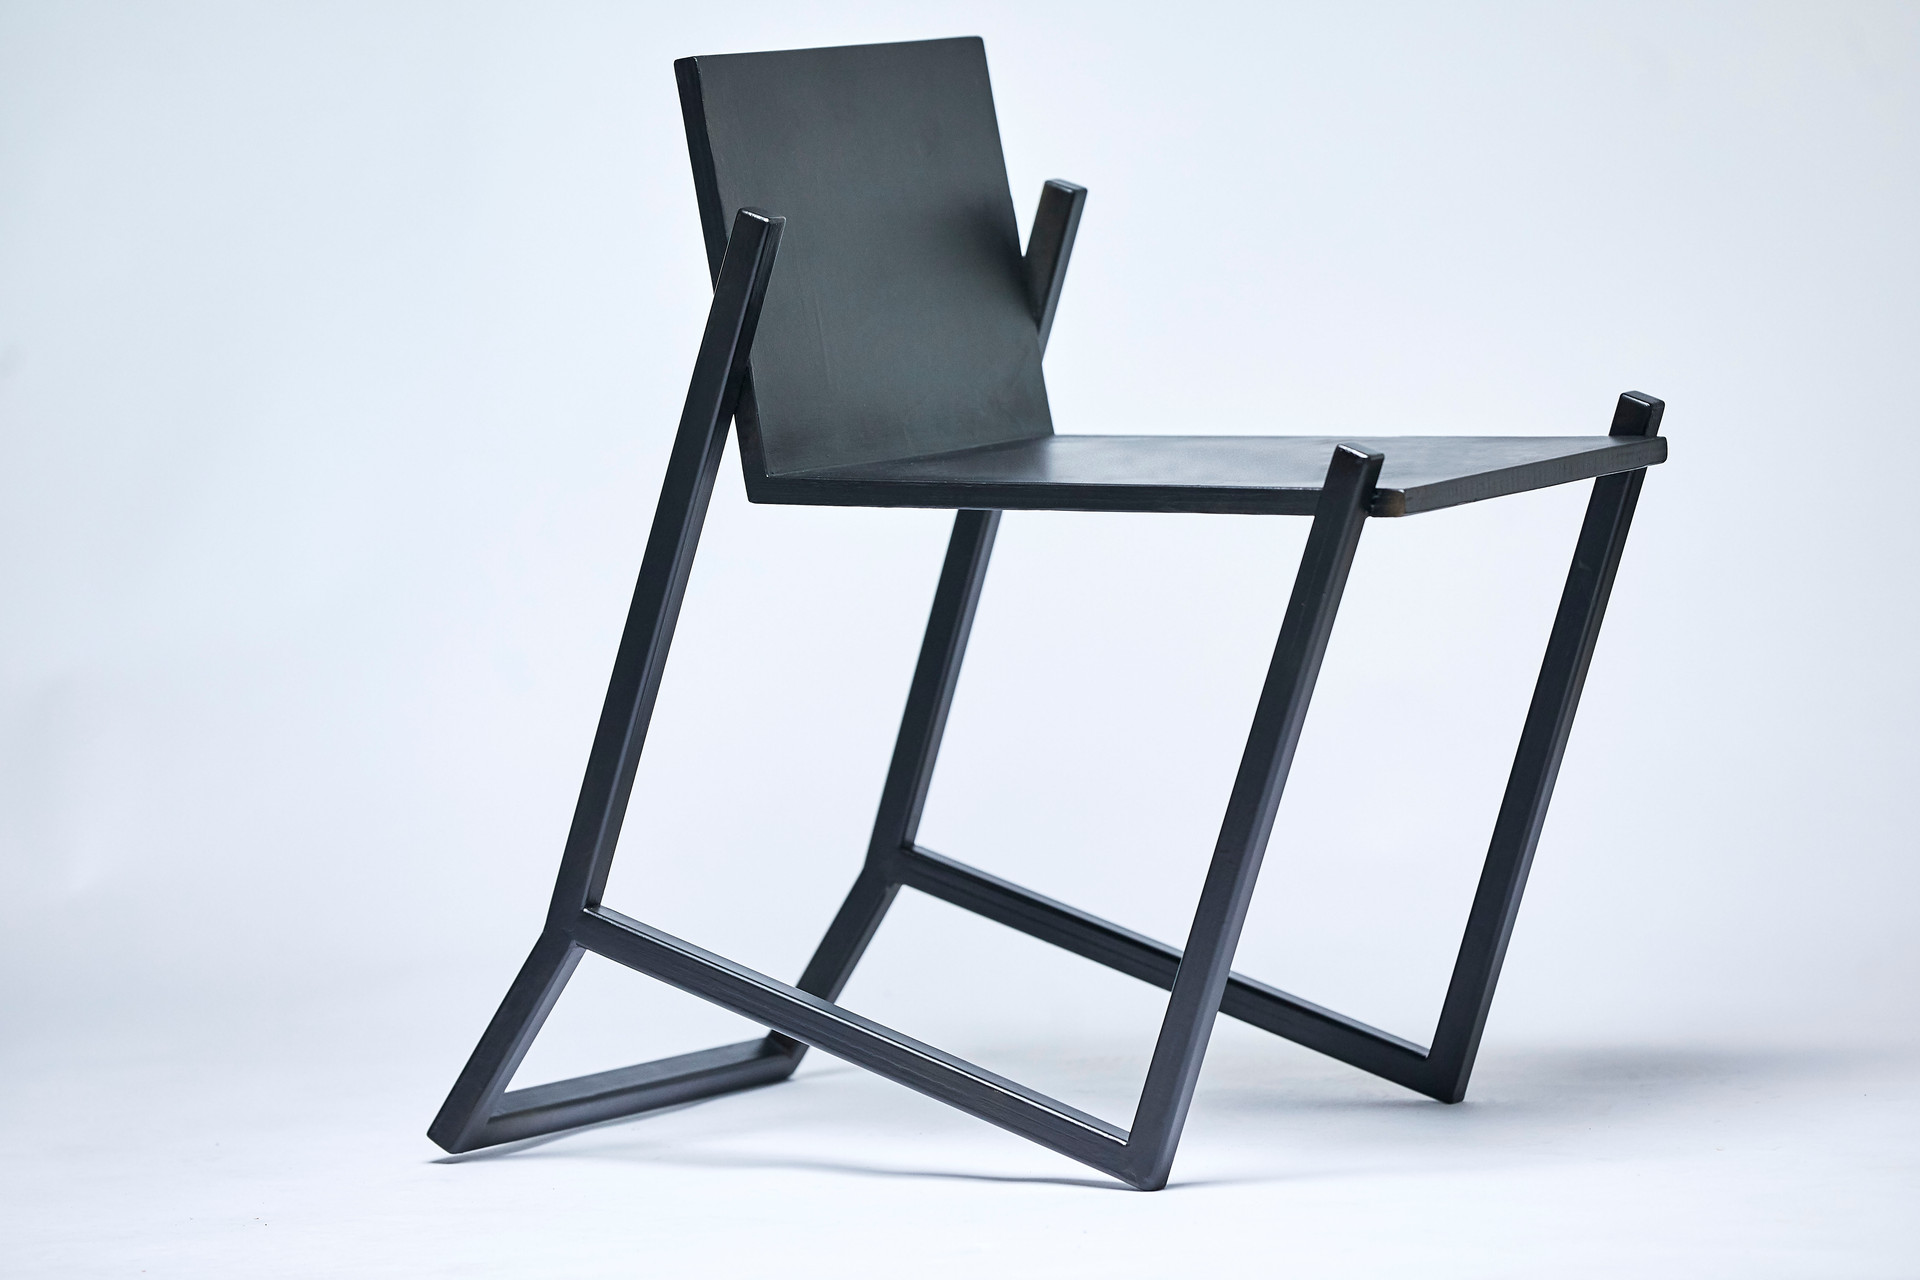 Mirror Self Chair